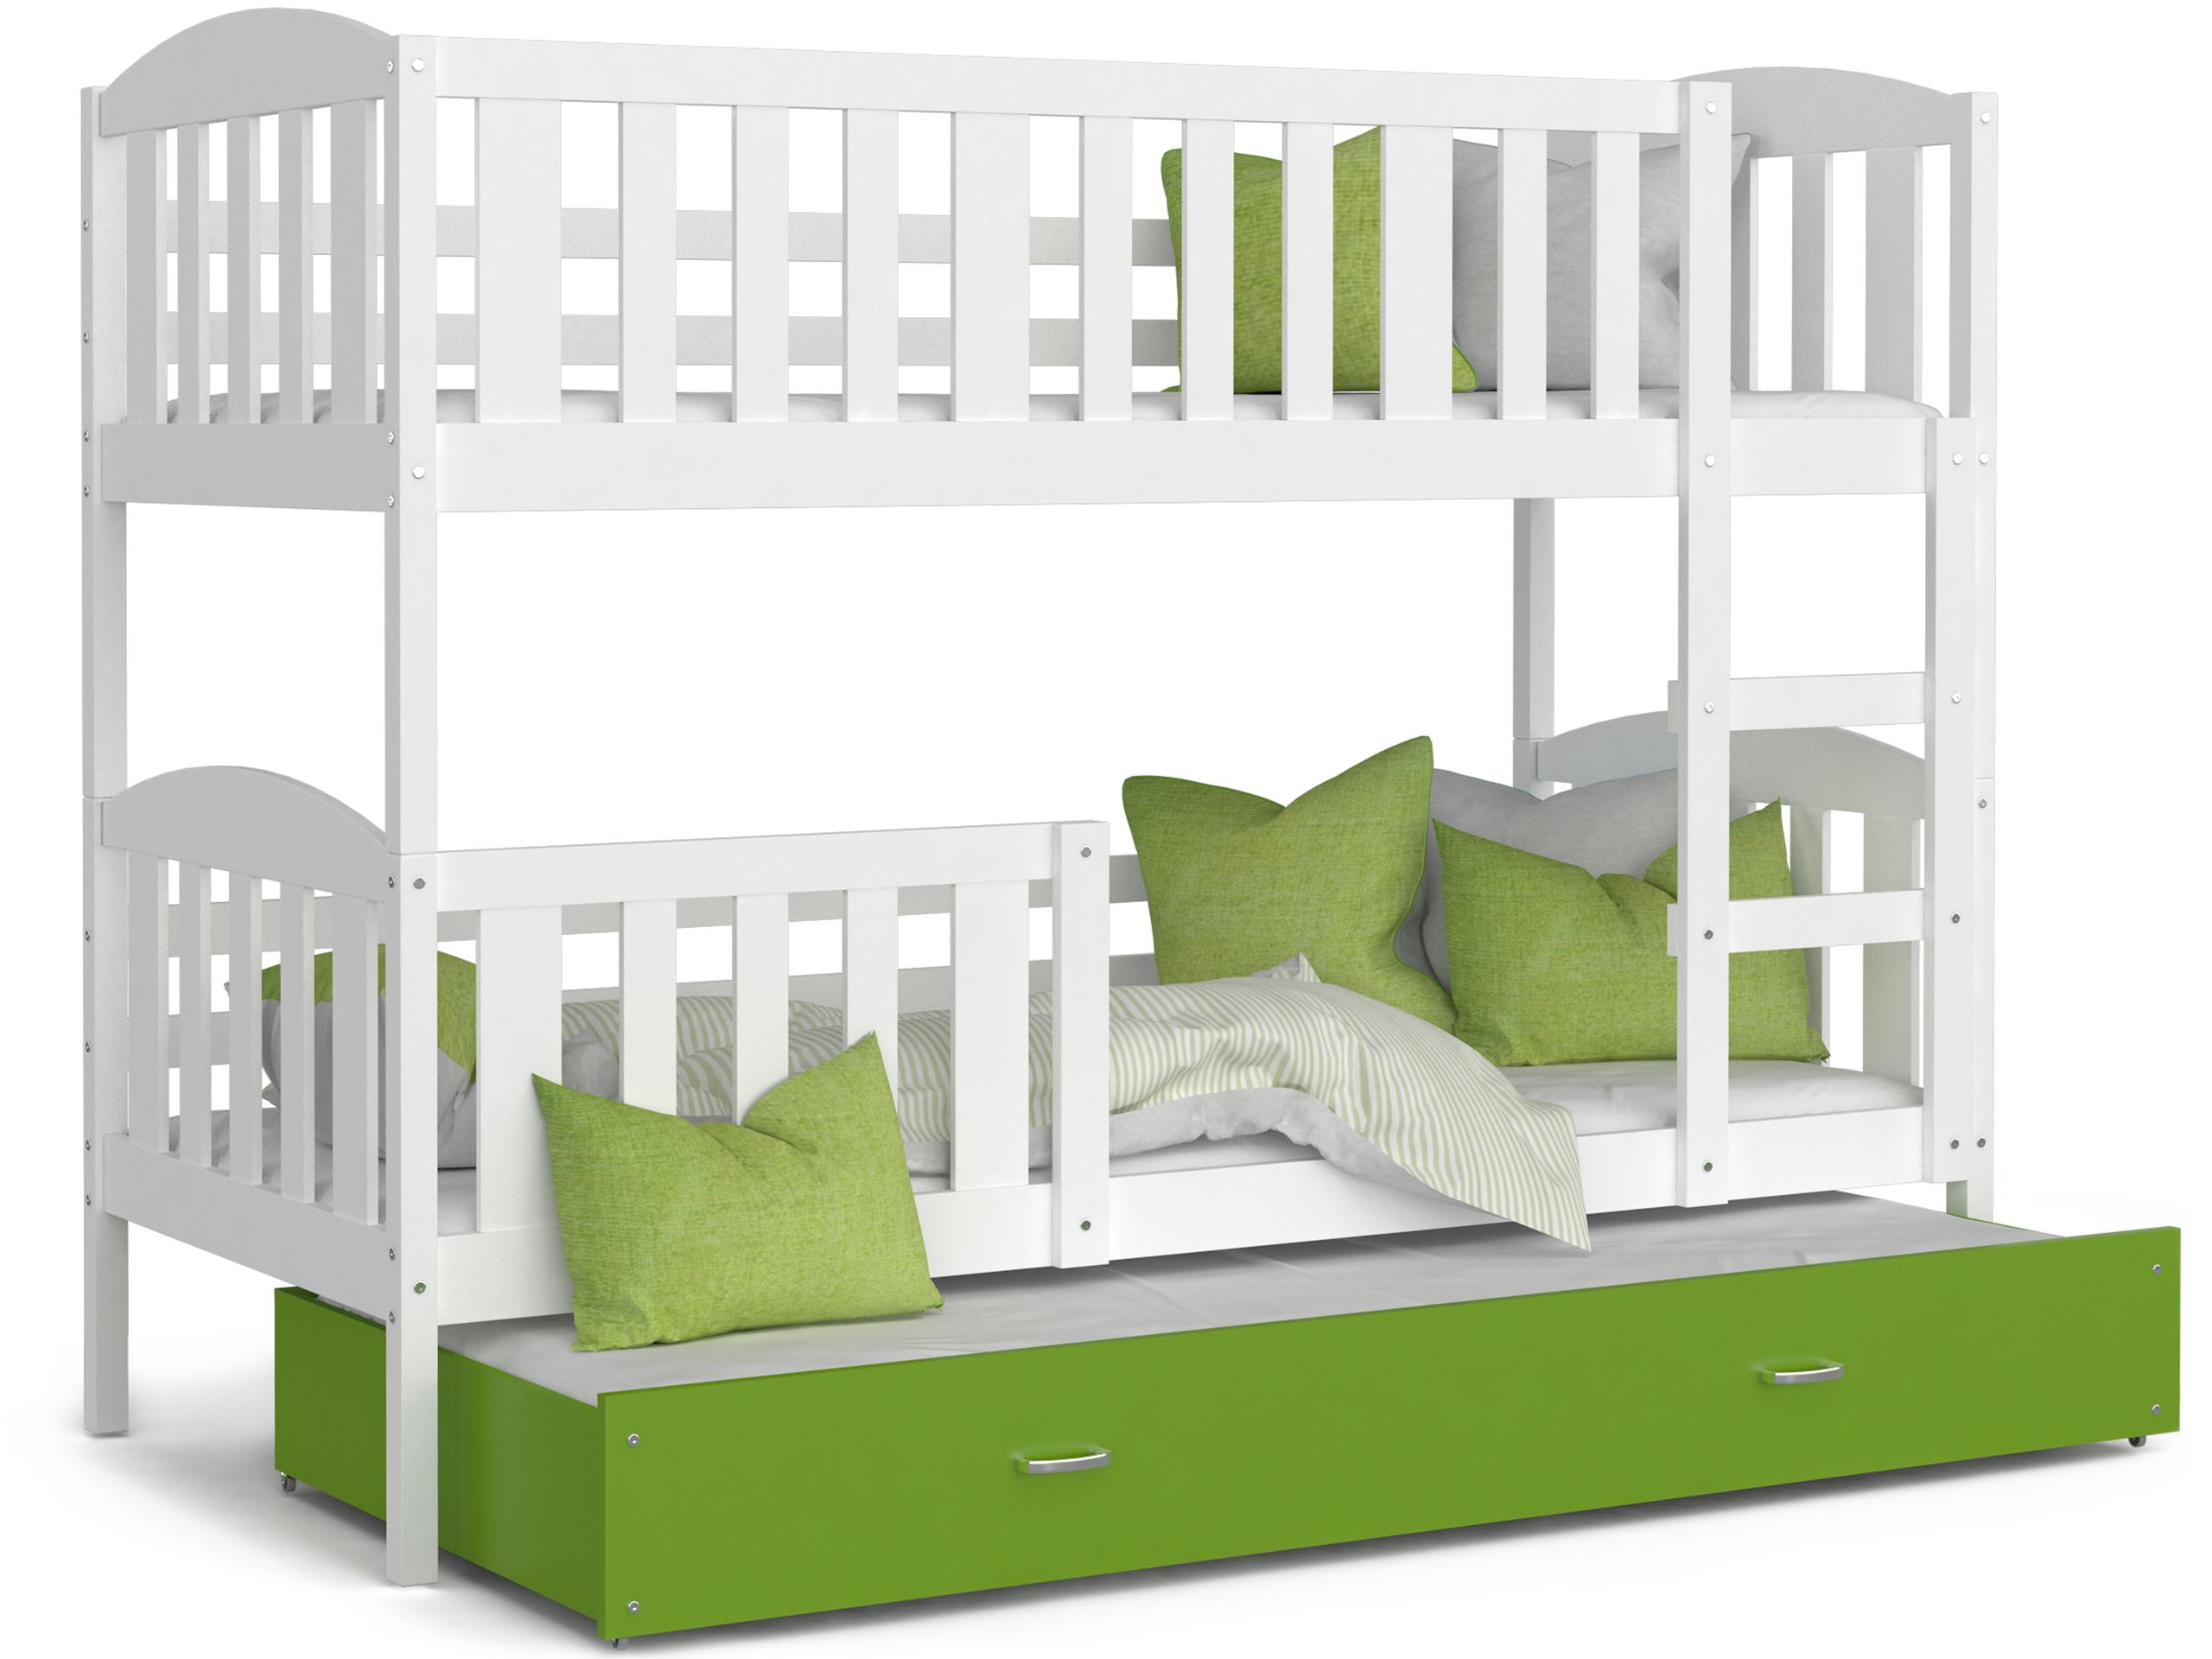 ArtAJ Detská poschodová posteľ Kubuš 3 | 190 x 80 cm Farba: biela / zelená, Prevedenie: bez matraca, Rozmer.: MDF